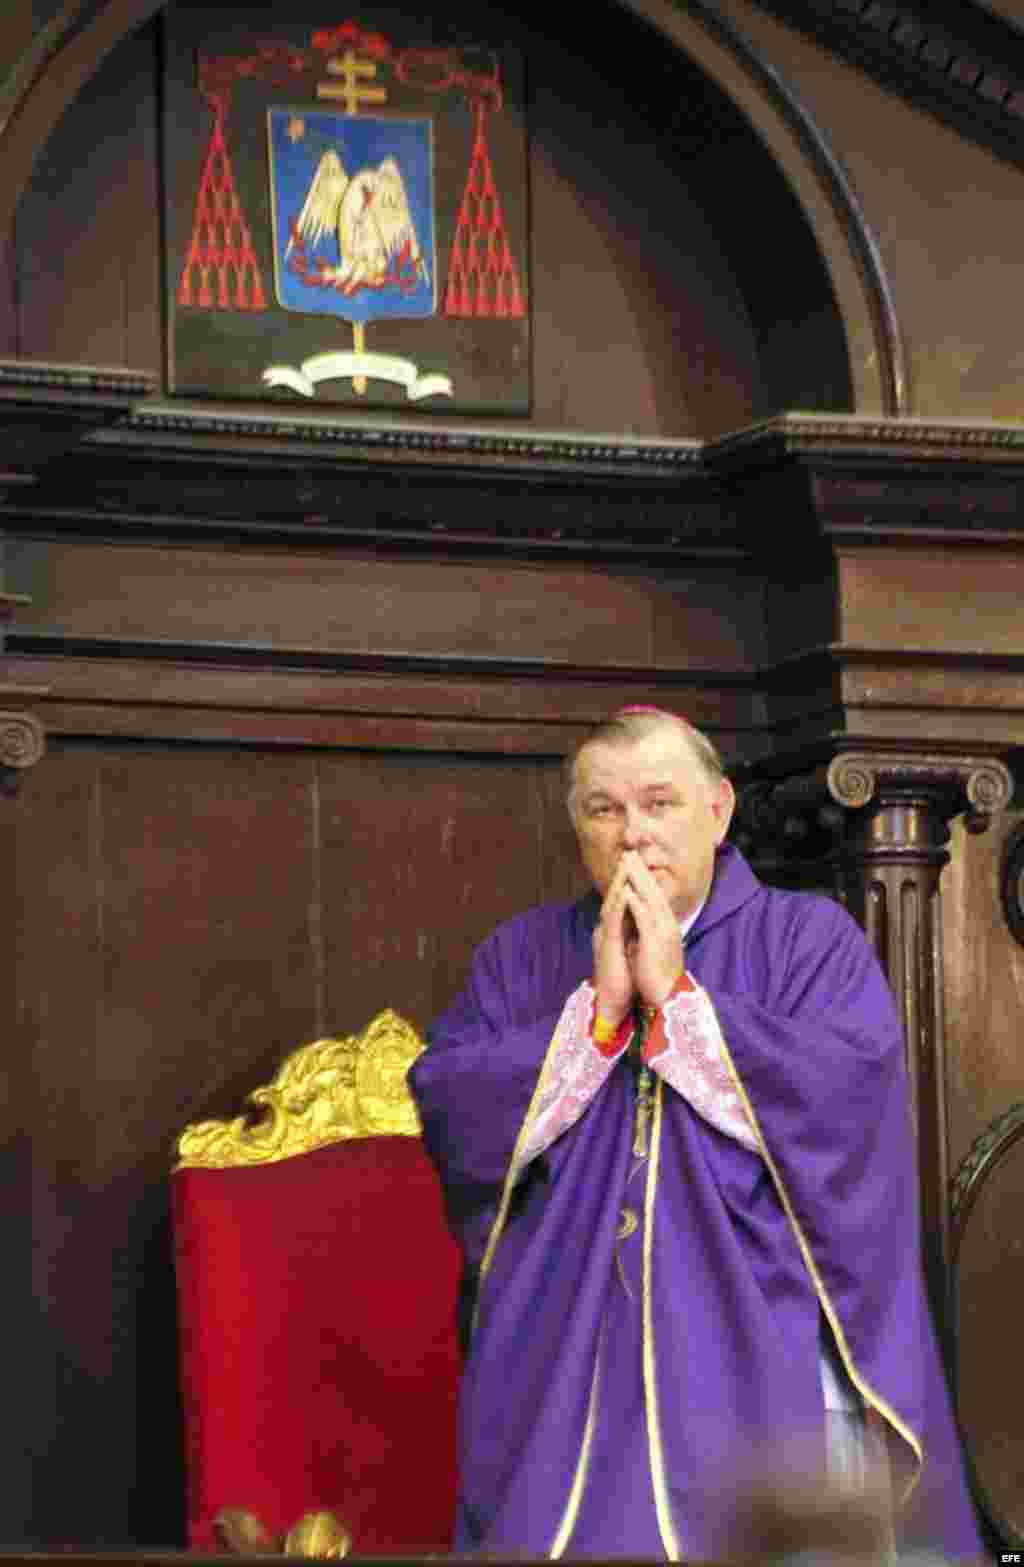 El arzobispo de Miami, Thomas Wenski, oficia una misa en la Catedral de La Habana, Cuba, el martes 27 de marzo de 2012.